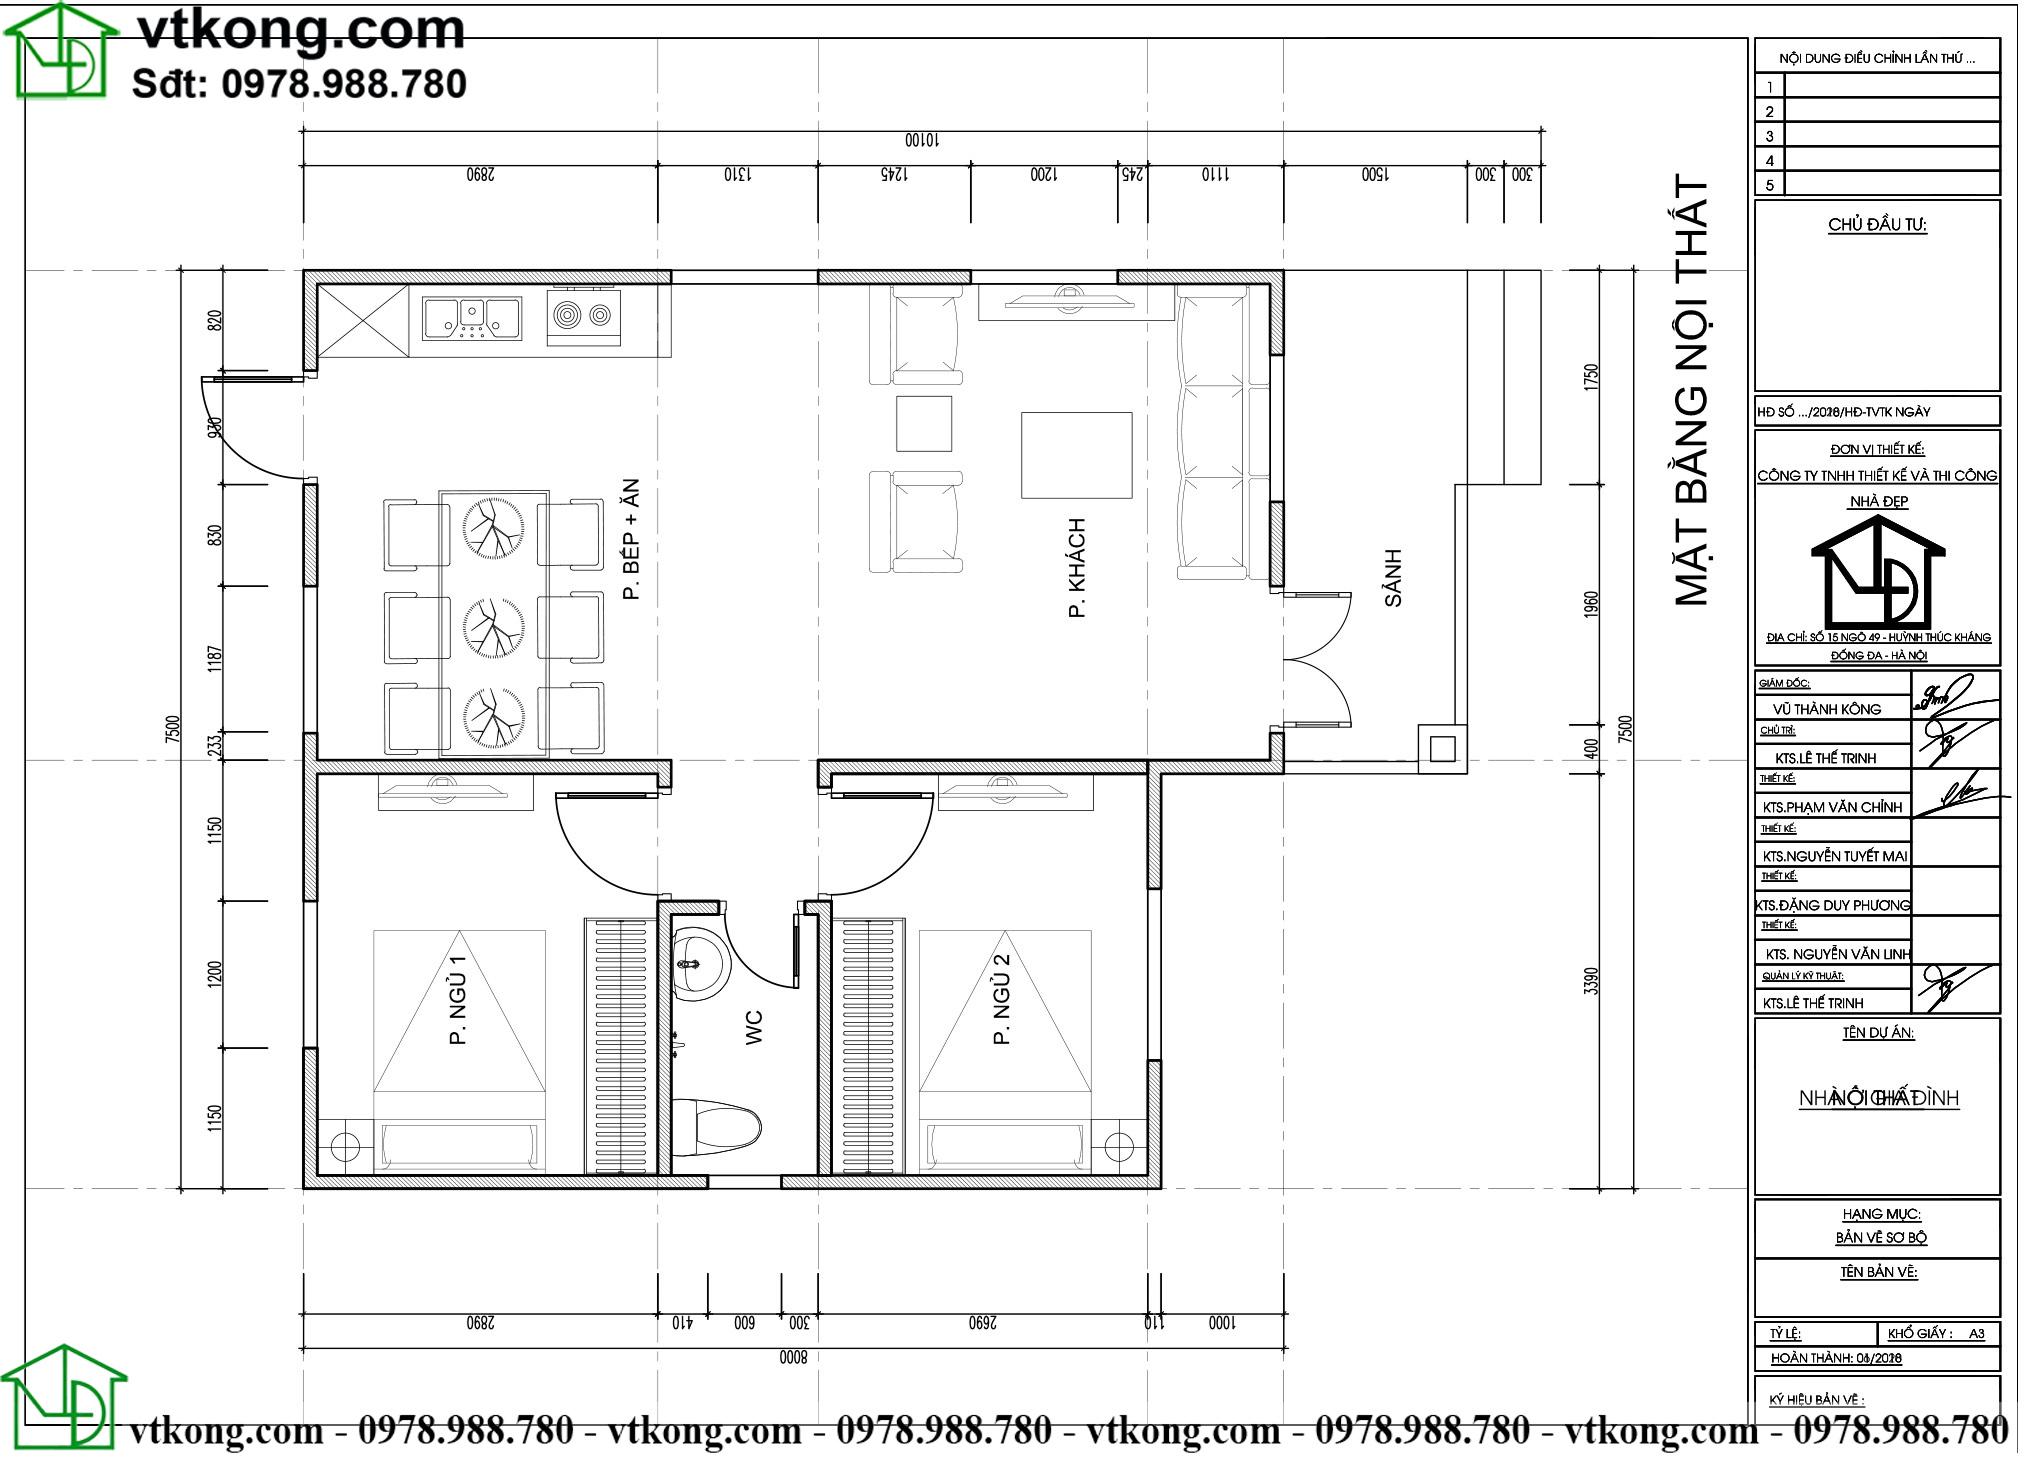 Nhà Cấp 4 2 Phòng Ngủ 7x8m Tại Hòa Bình Nc4108